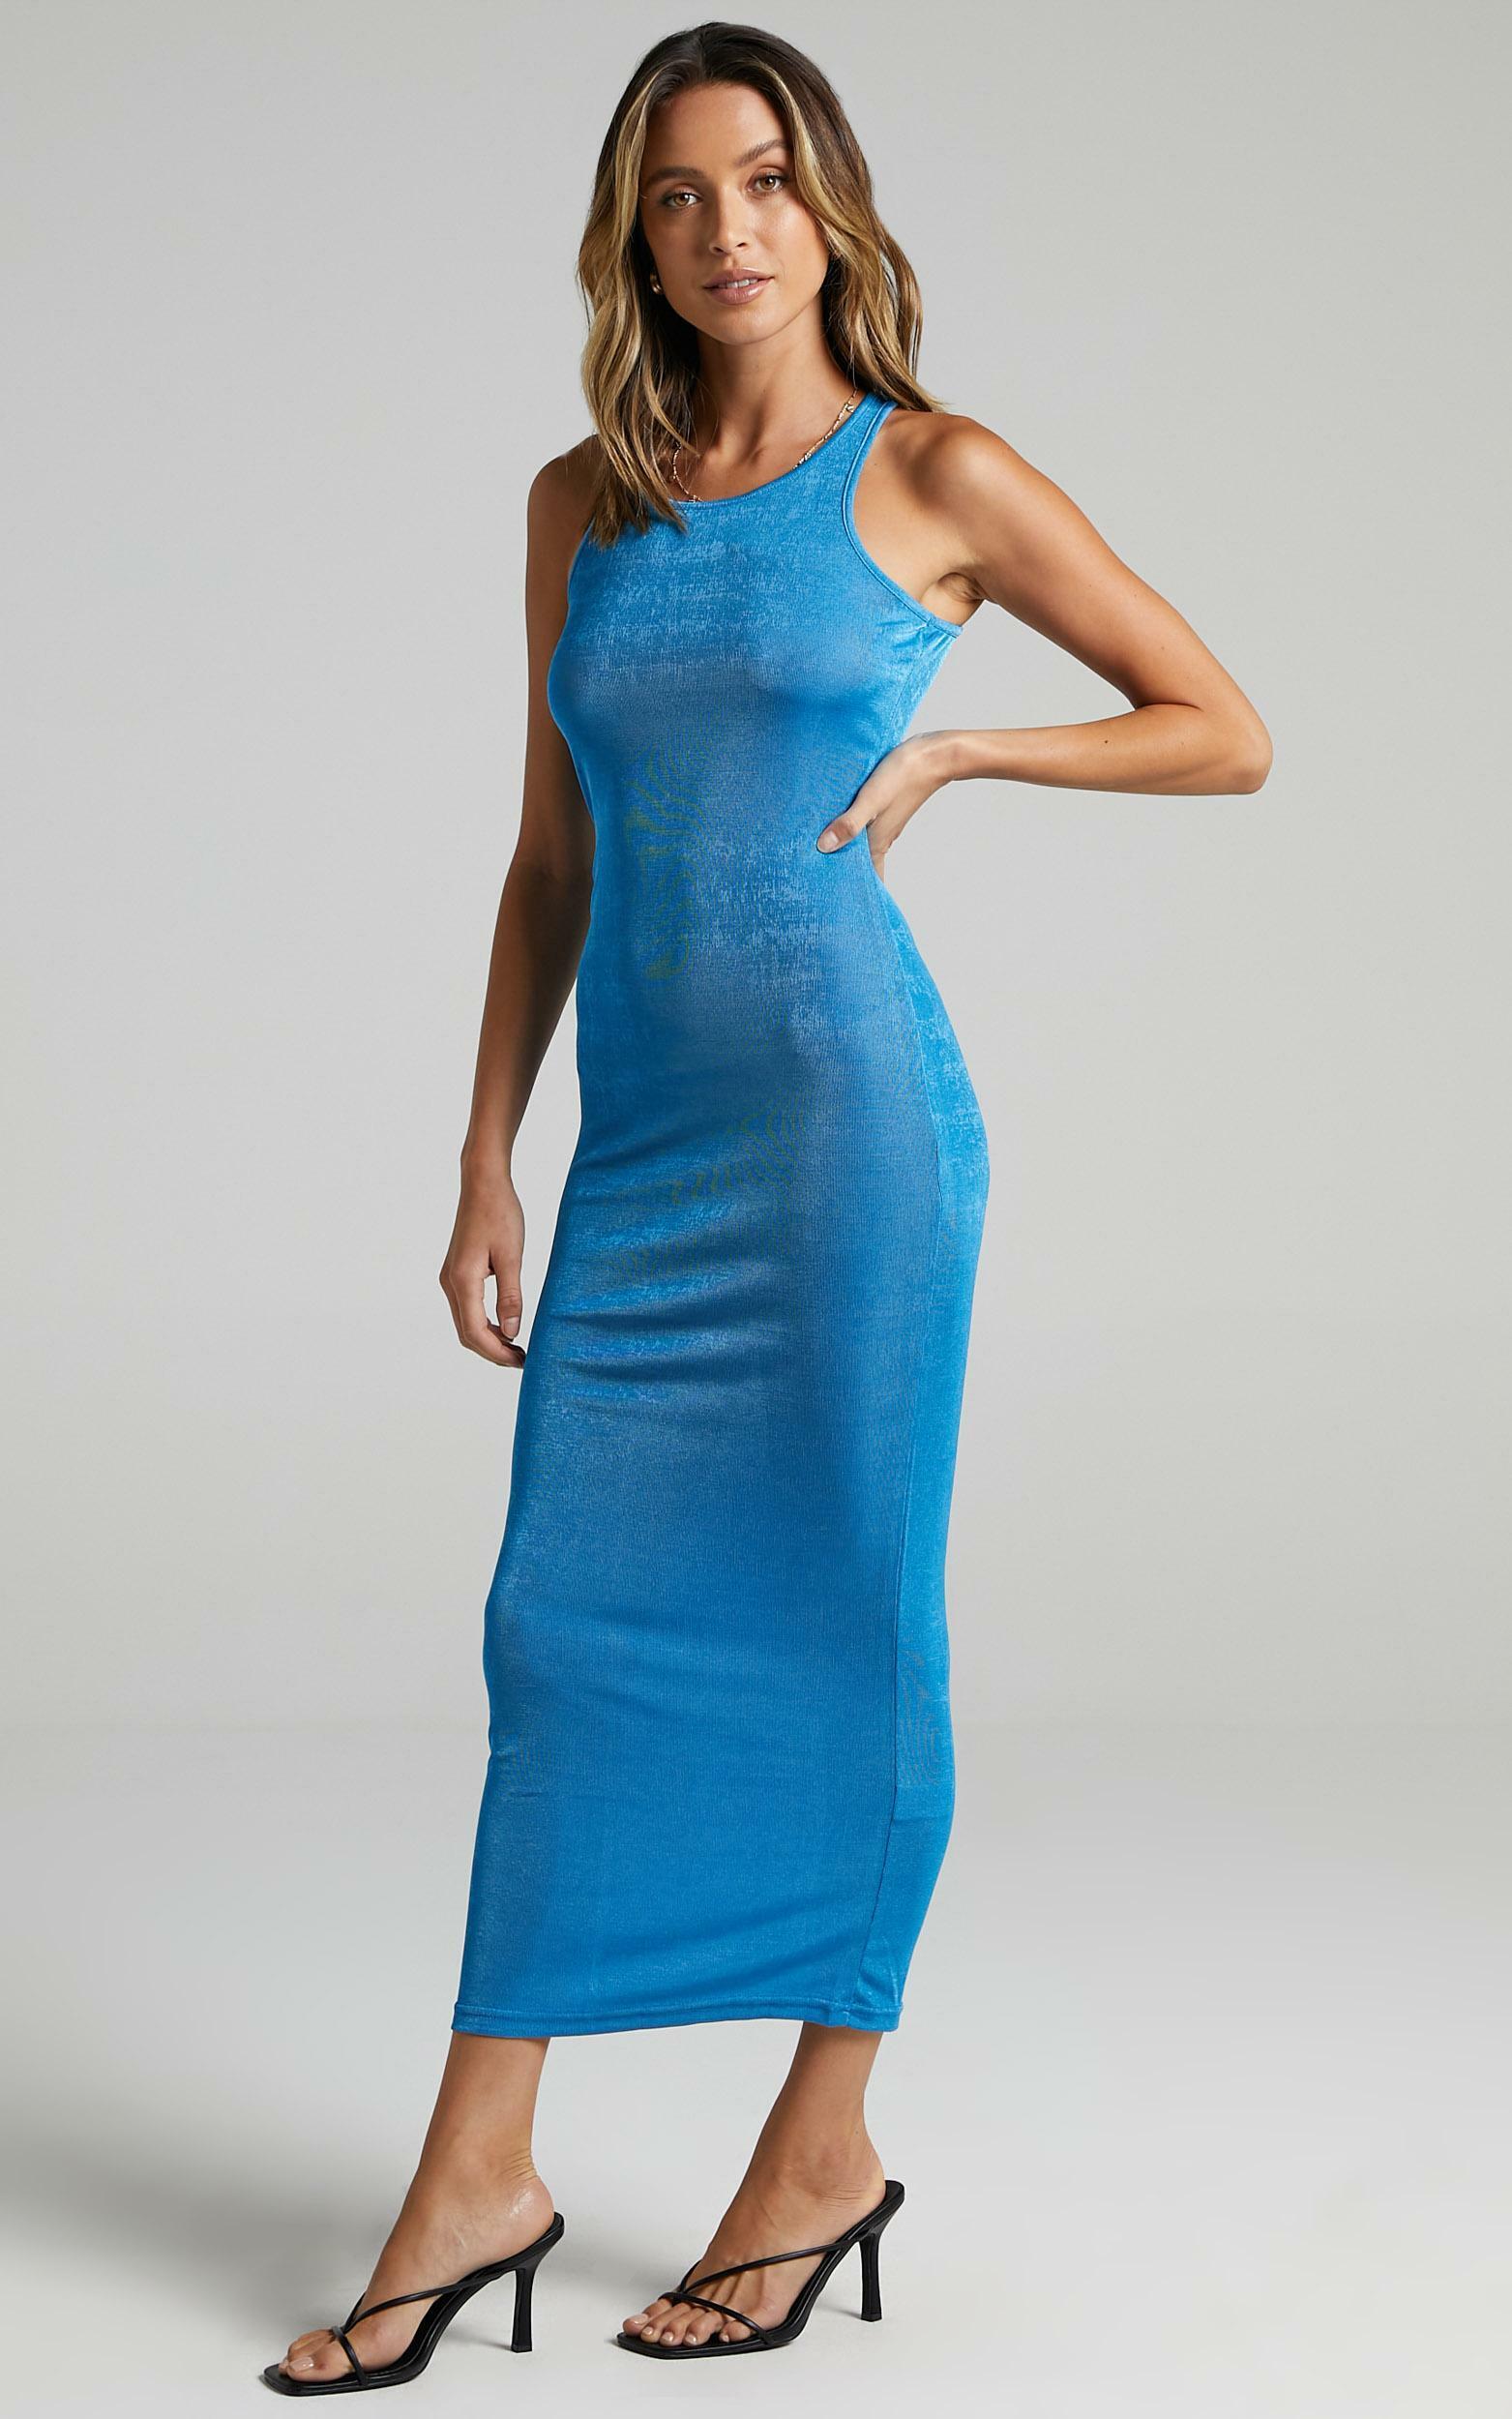 Lioness - Everlast Dress in Blue - 06, BLU1, hi-res image number null